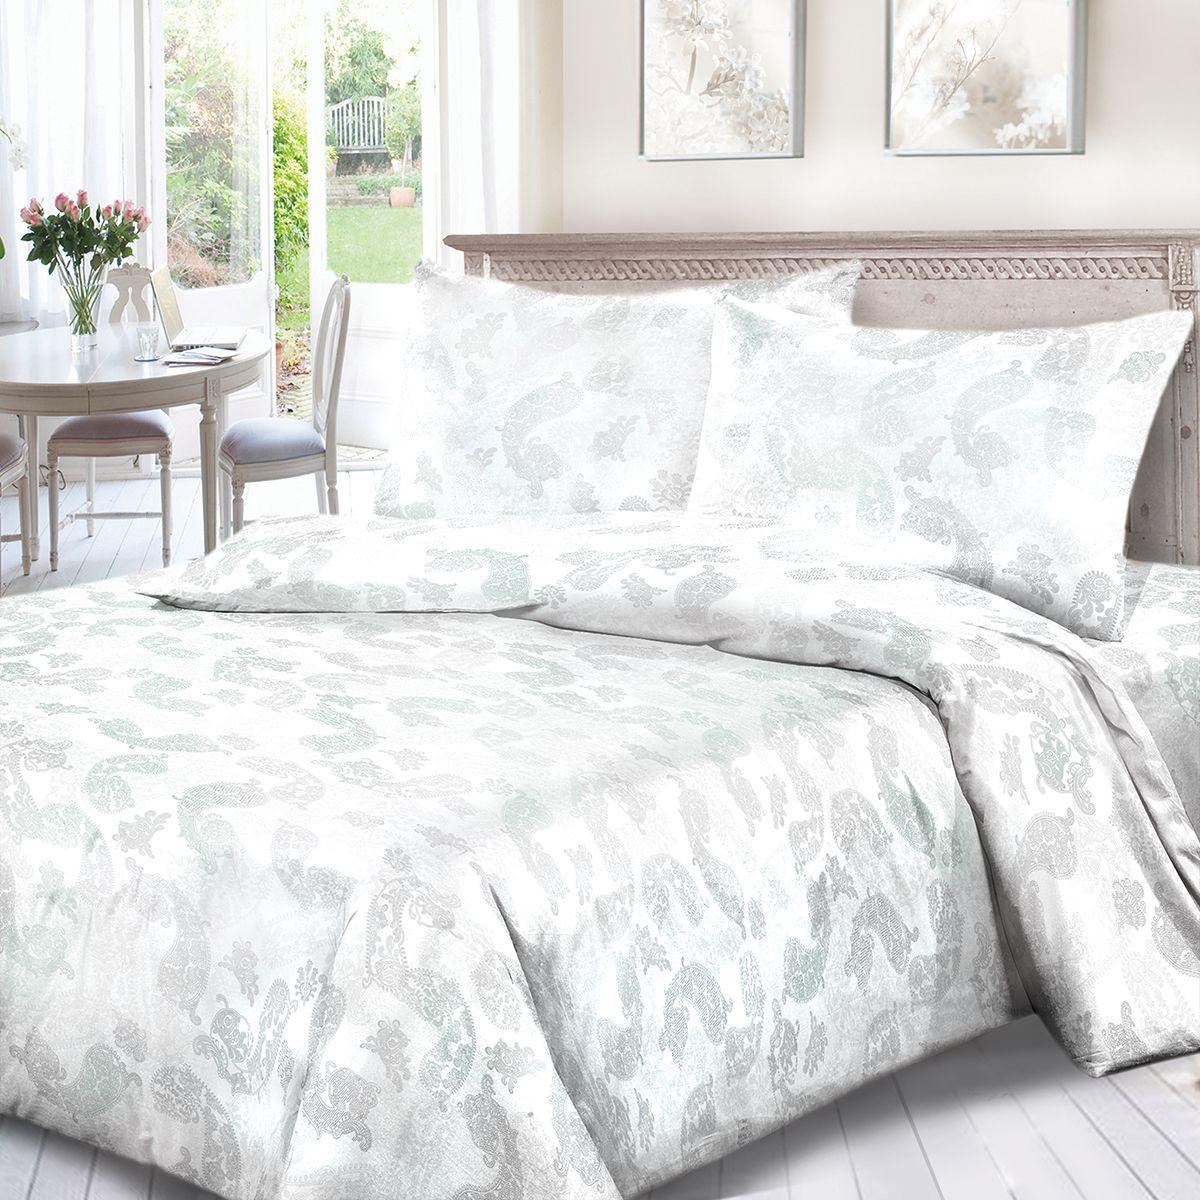 Комплект белья Сорренто Жаккард, 2-х спальное, наволочки 70x70, цвет: белый. 3558-180261